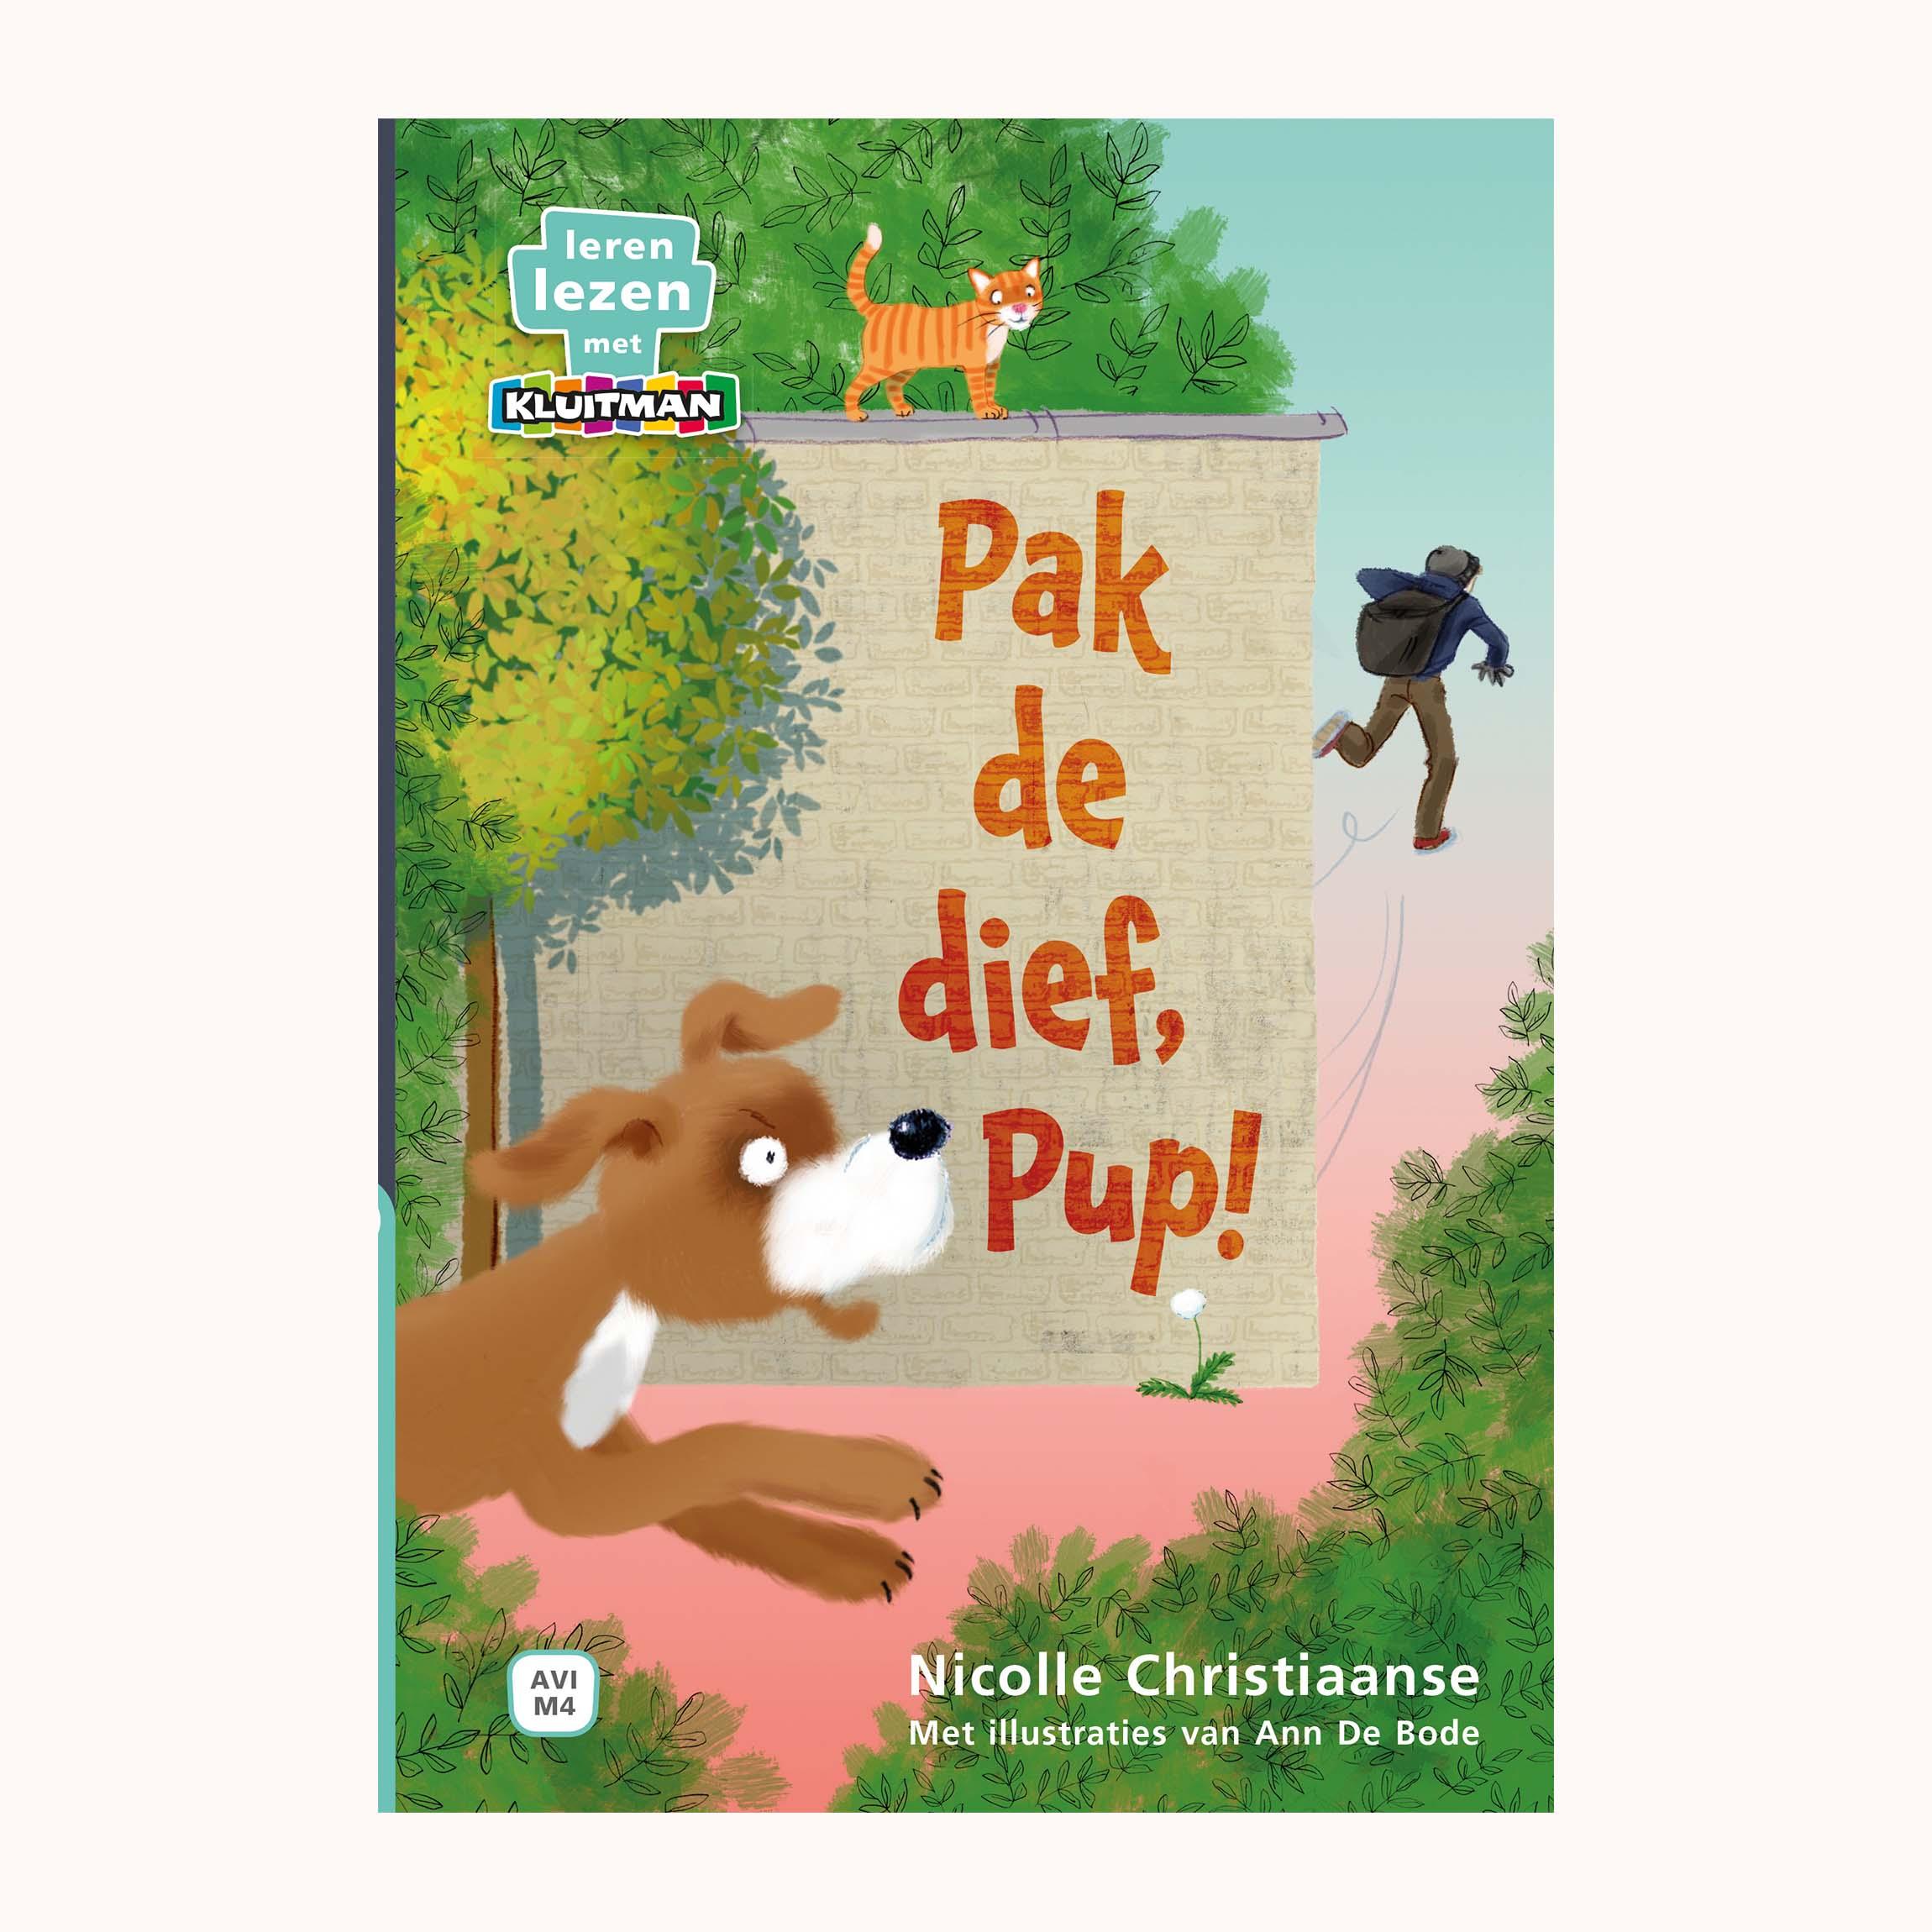 Afbeelding van Boek AVI M4 Pak De Dief, Pup! Leren Lezen Met Kluitman